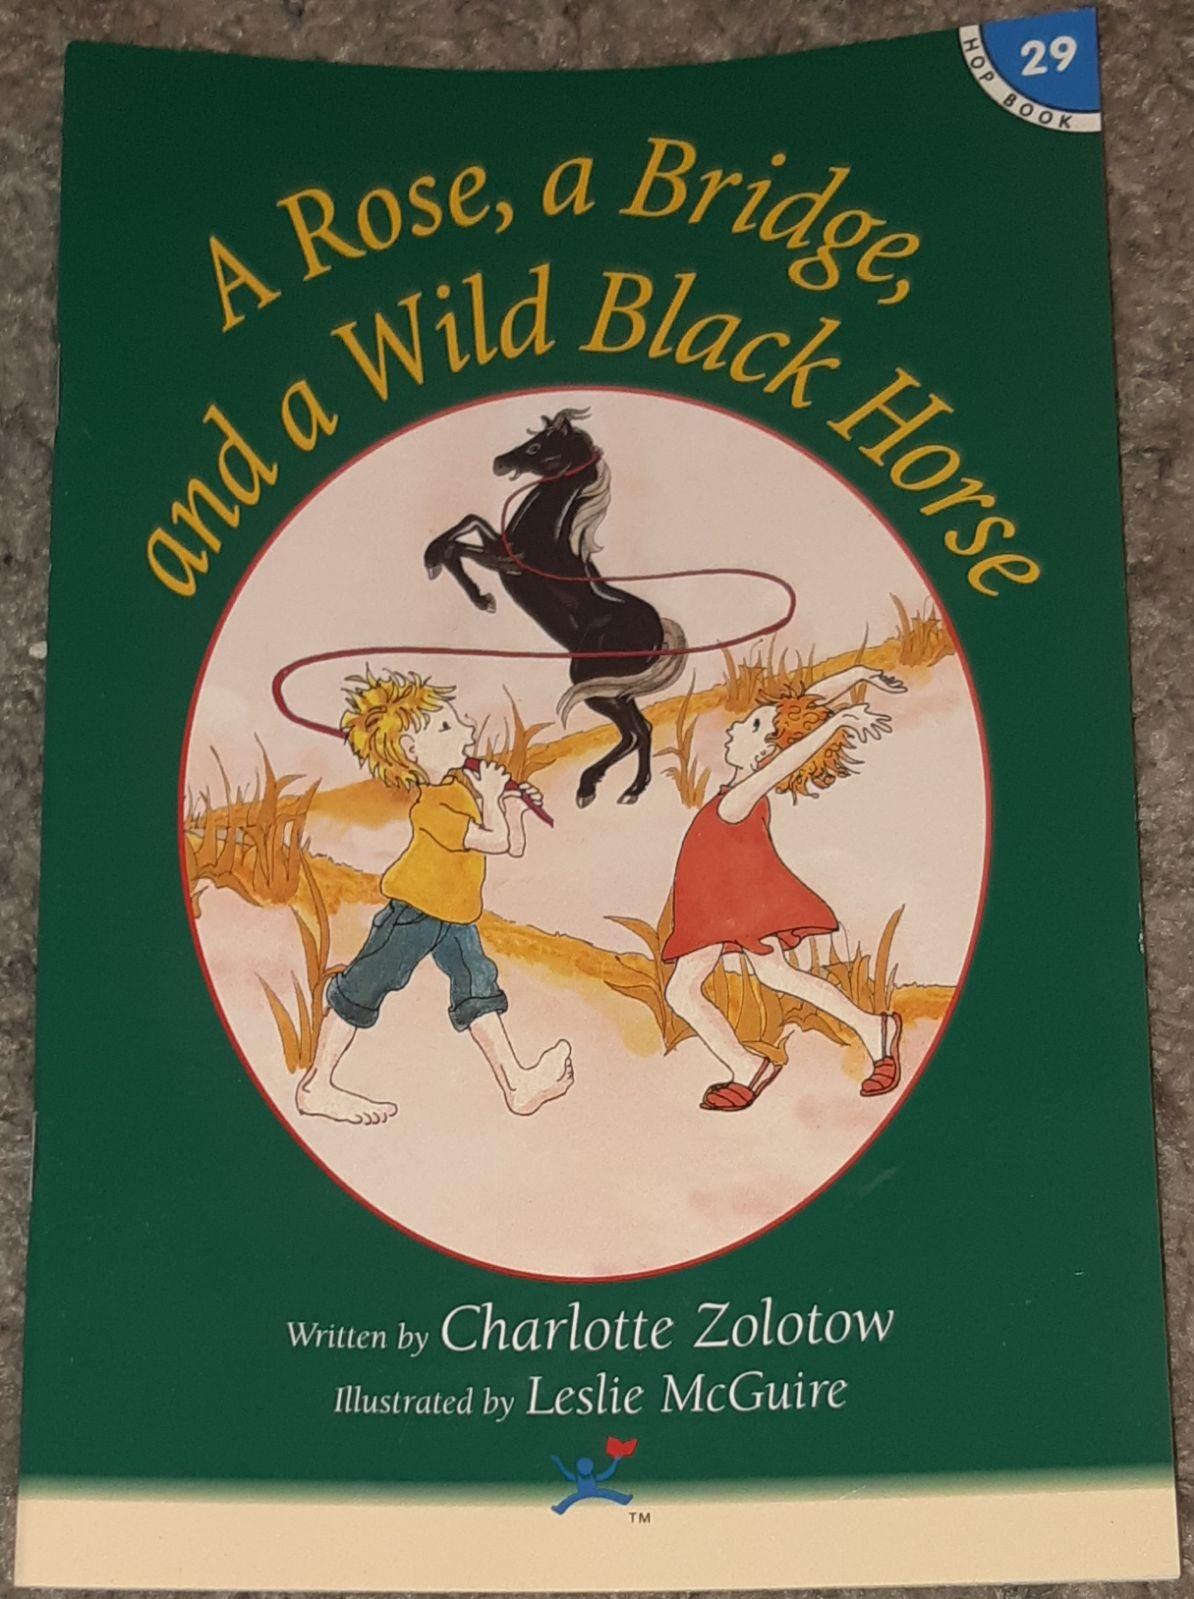 Wild Black Horse Hooked On Phonics #29